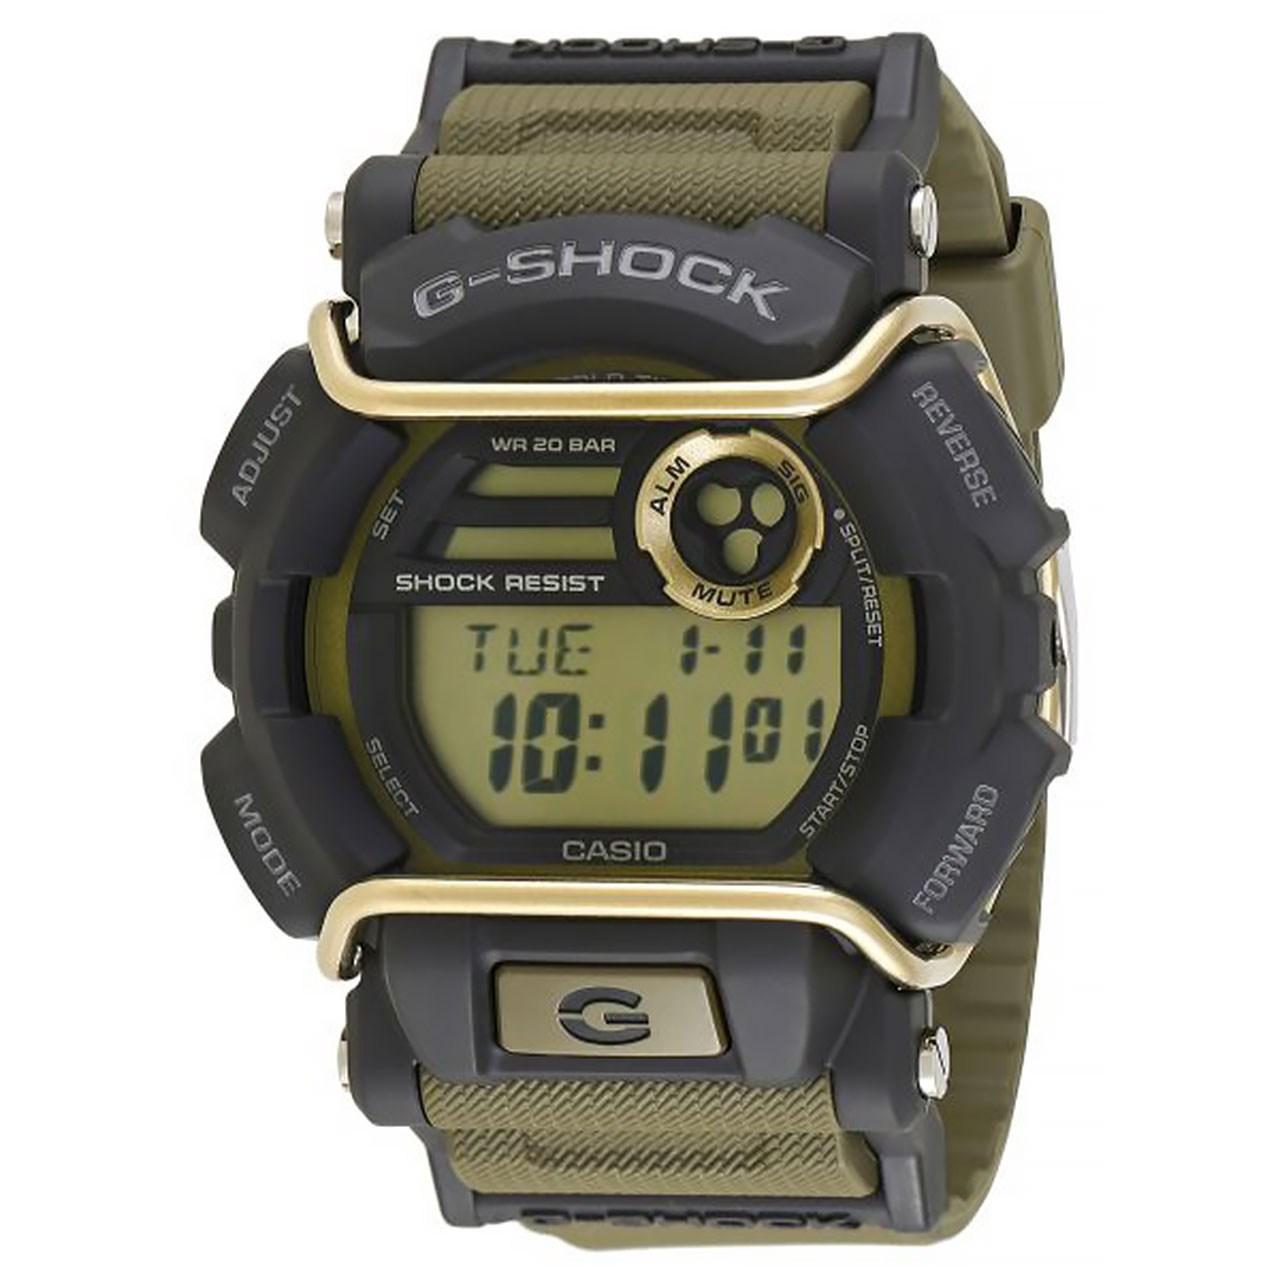 ساعت  کاسیو جی شاک مدل GD-400-9DR